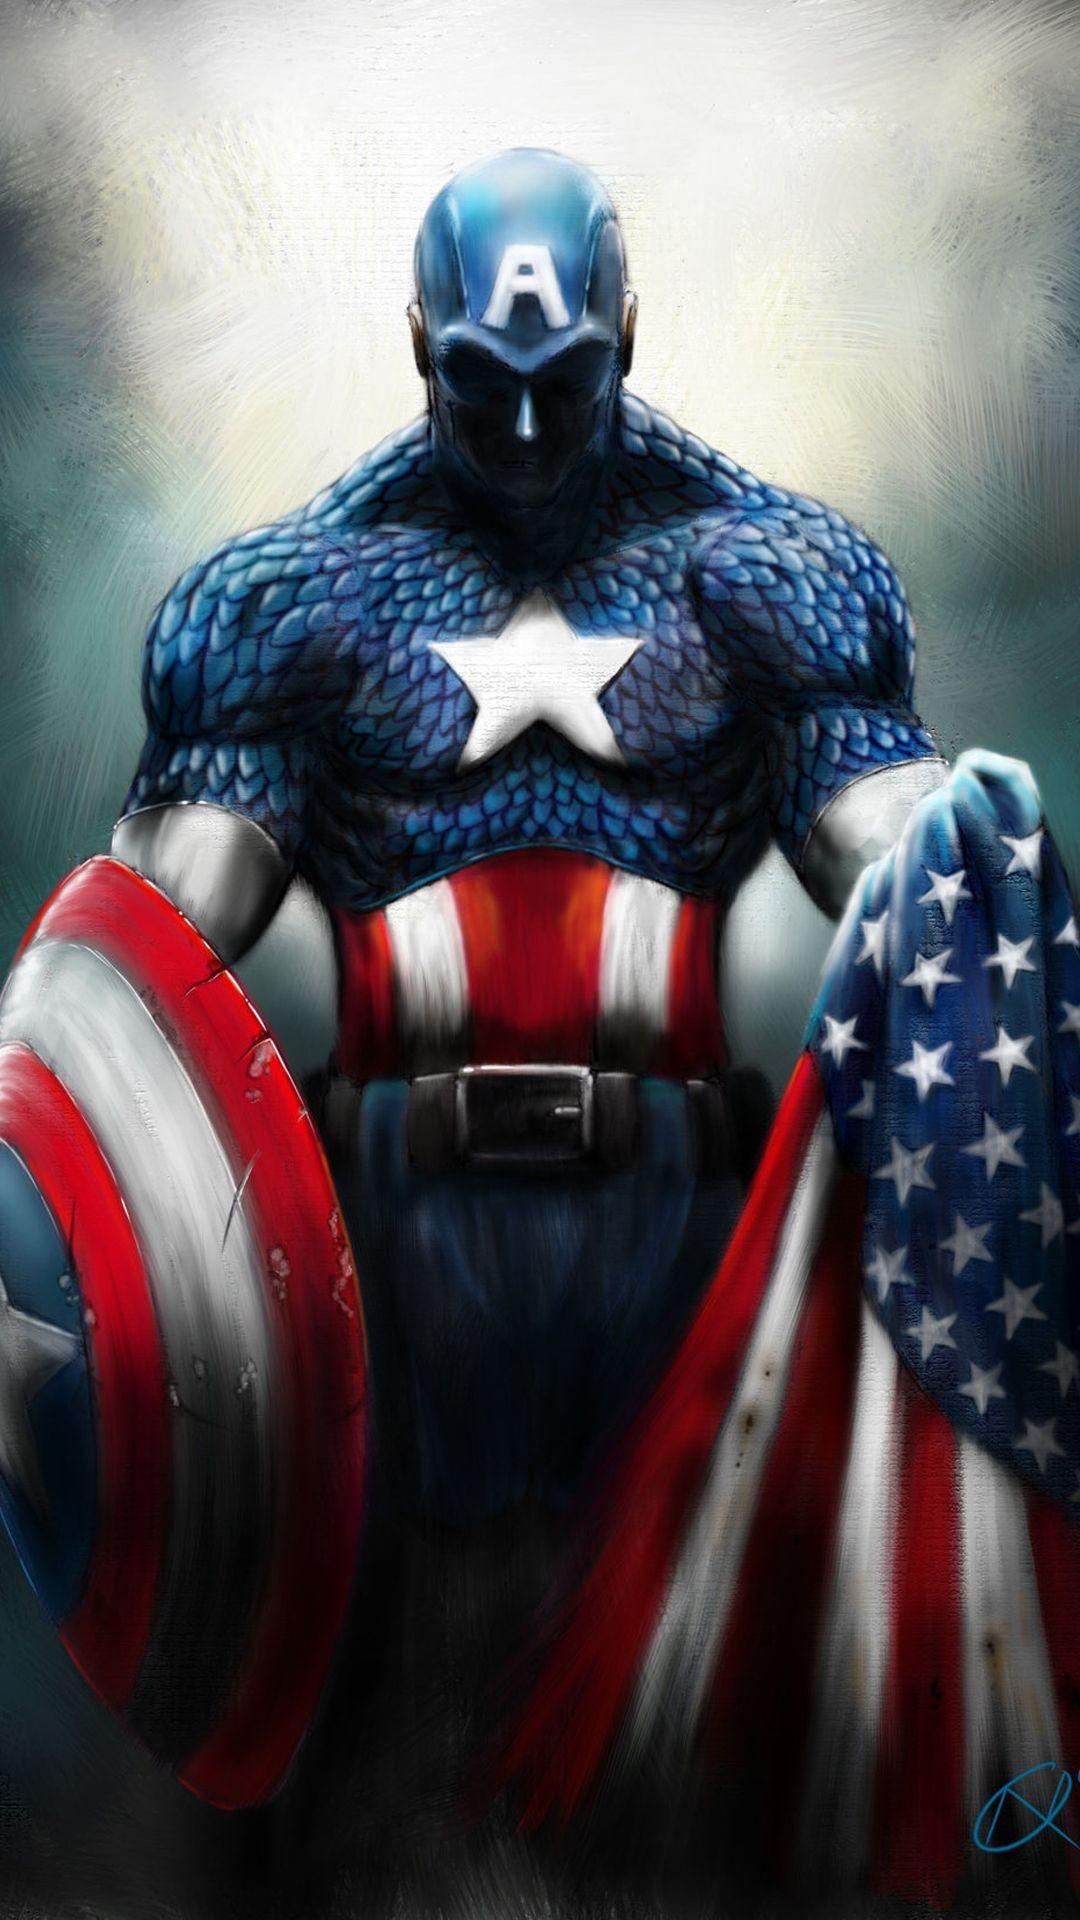 Wallpaper Iphone Captain America - HD Wallpaper